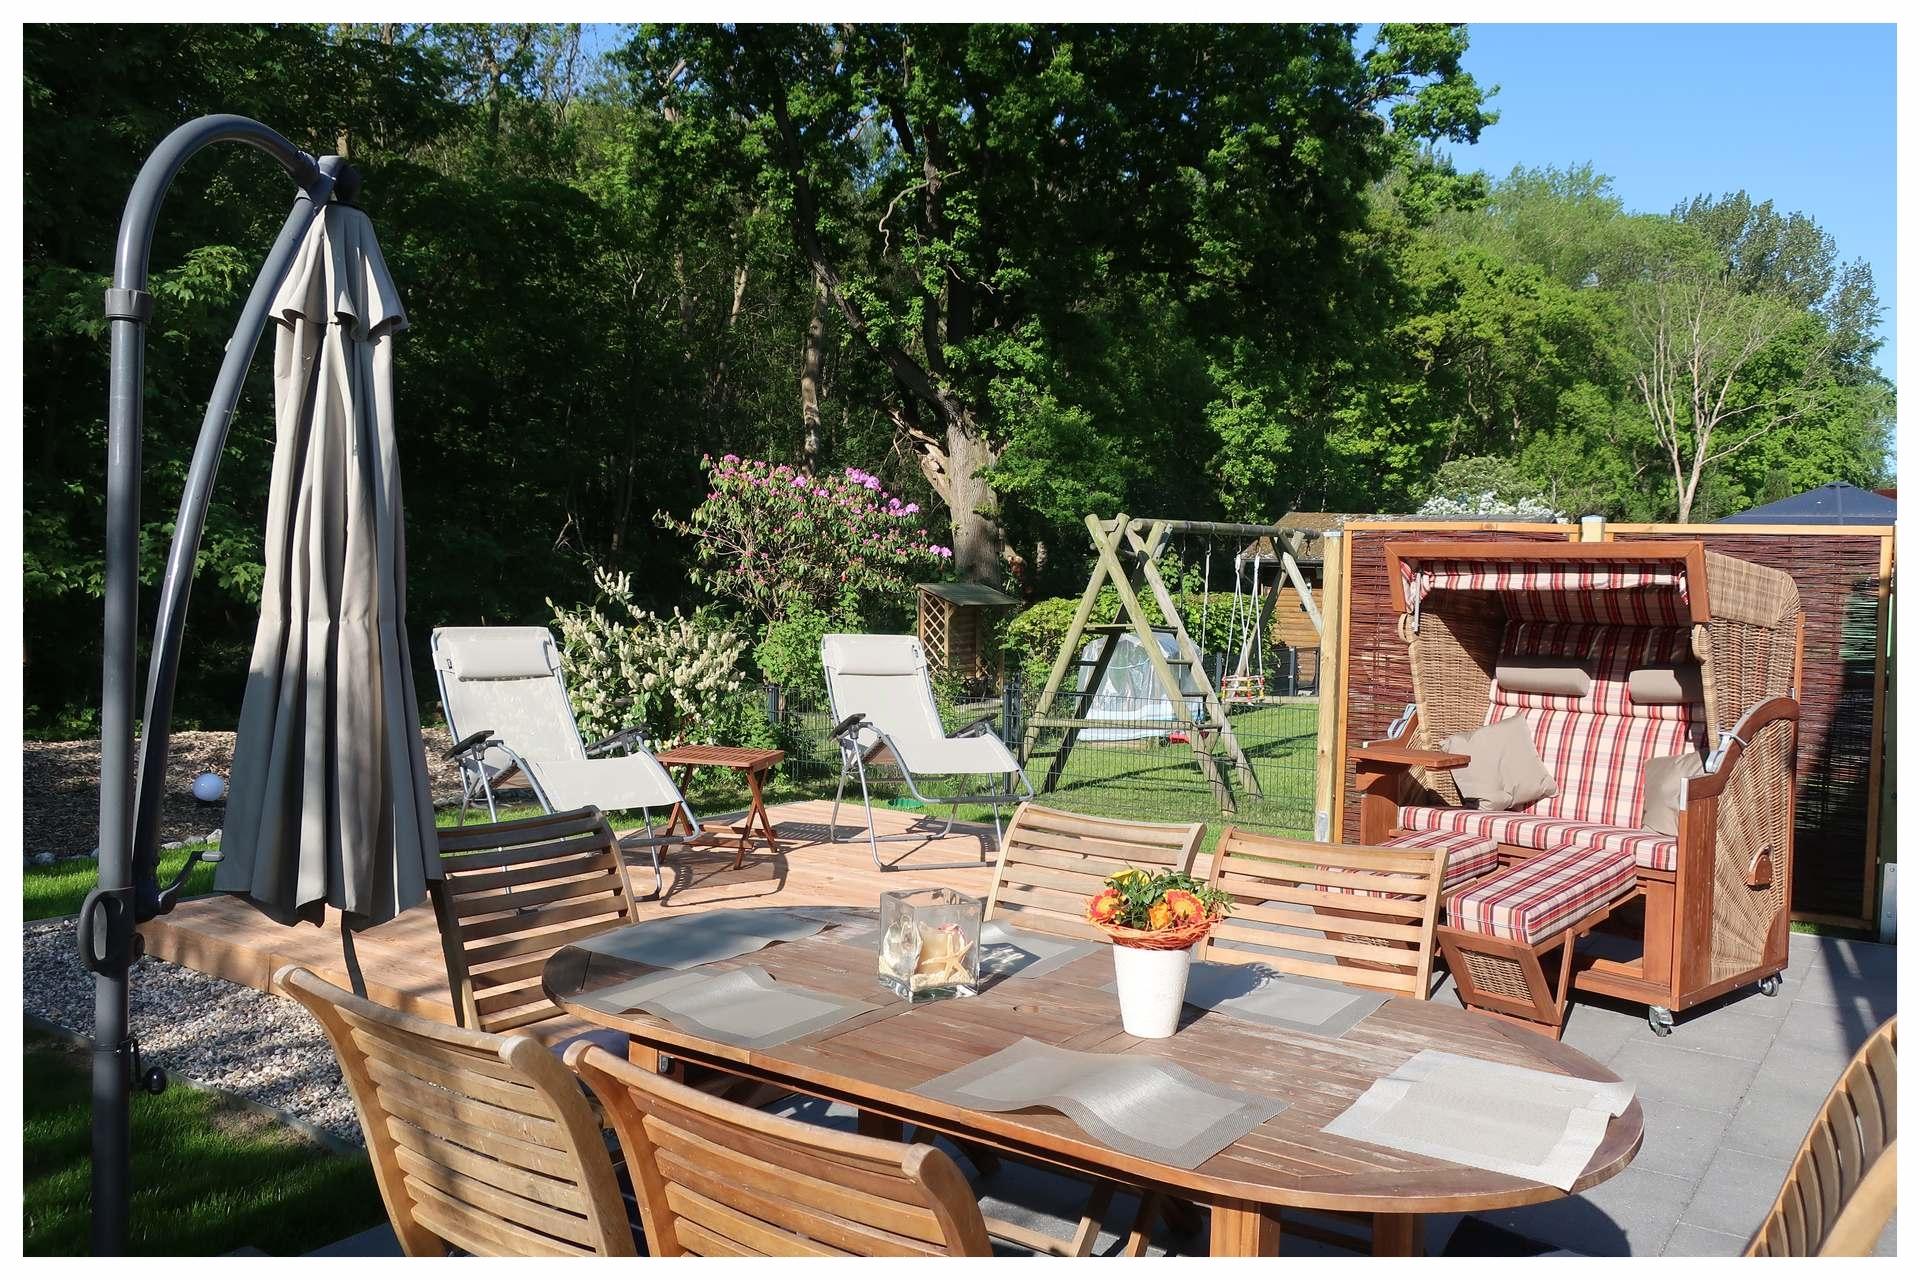 Terrasse mit Holzdeck und Grillplatz